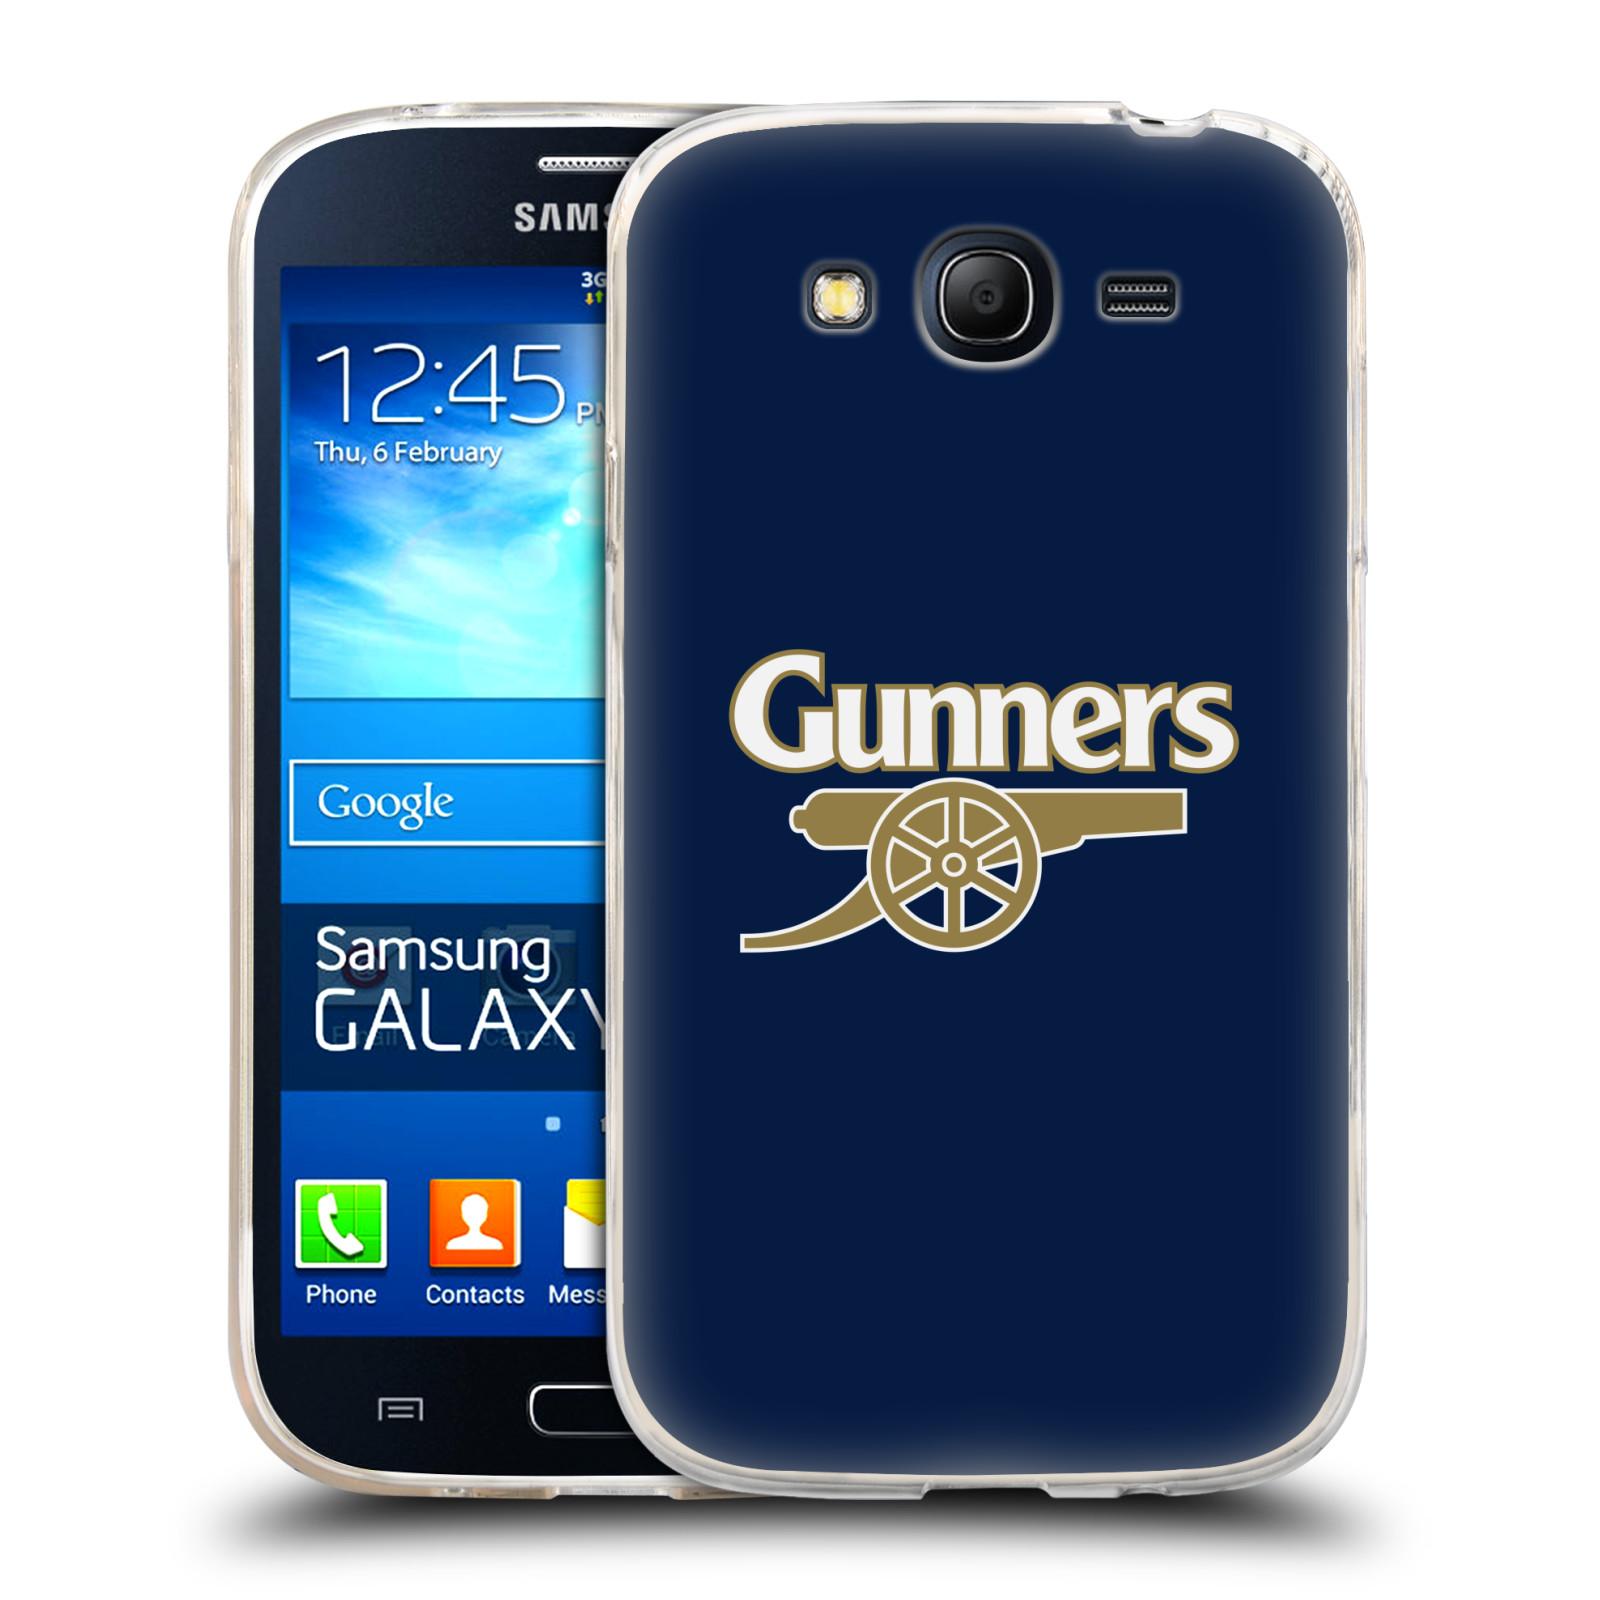 Silikonové pouzdro na mobil Samsung Galaxy Grand Neo - Head Case - Arsenal FC - Gunners